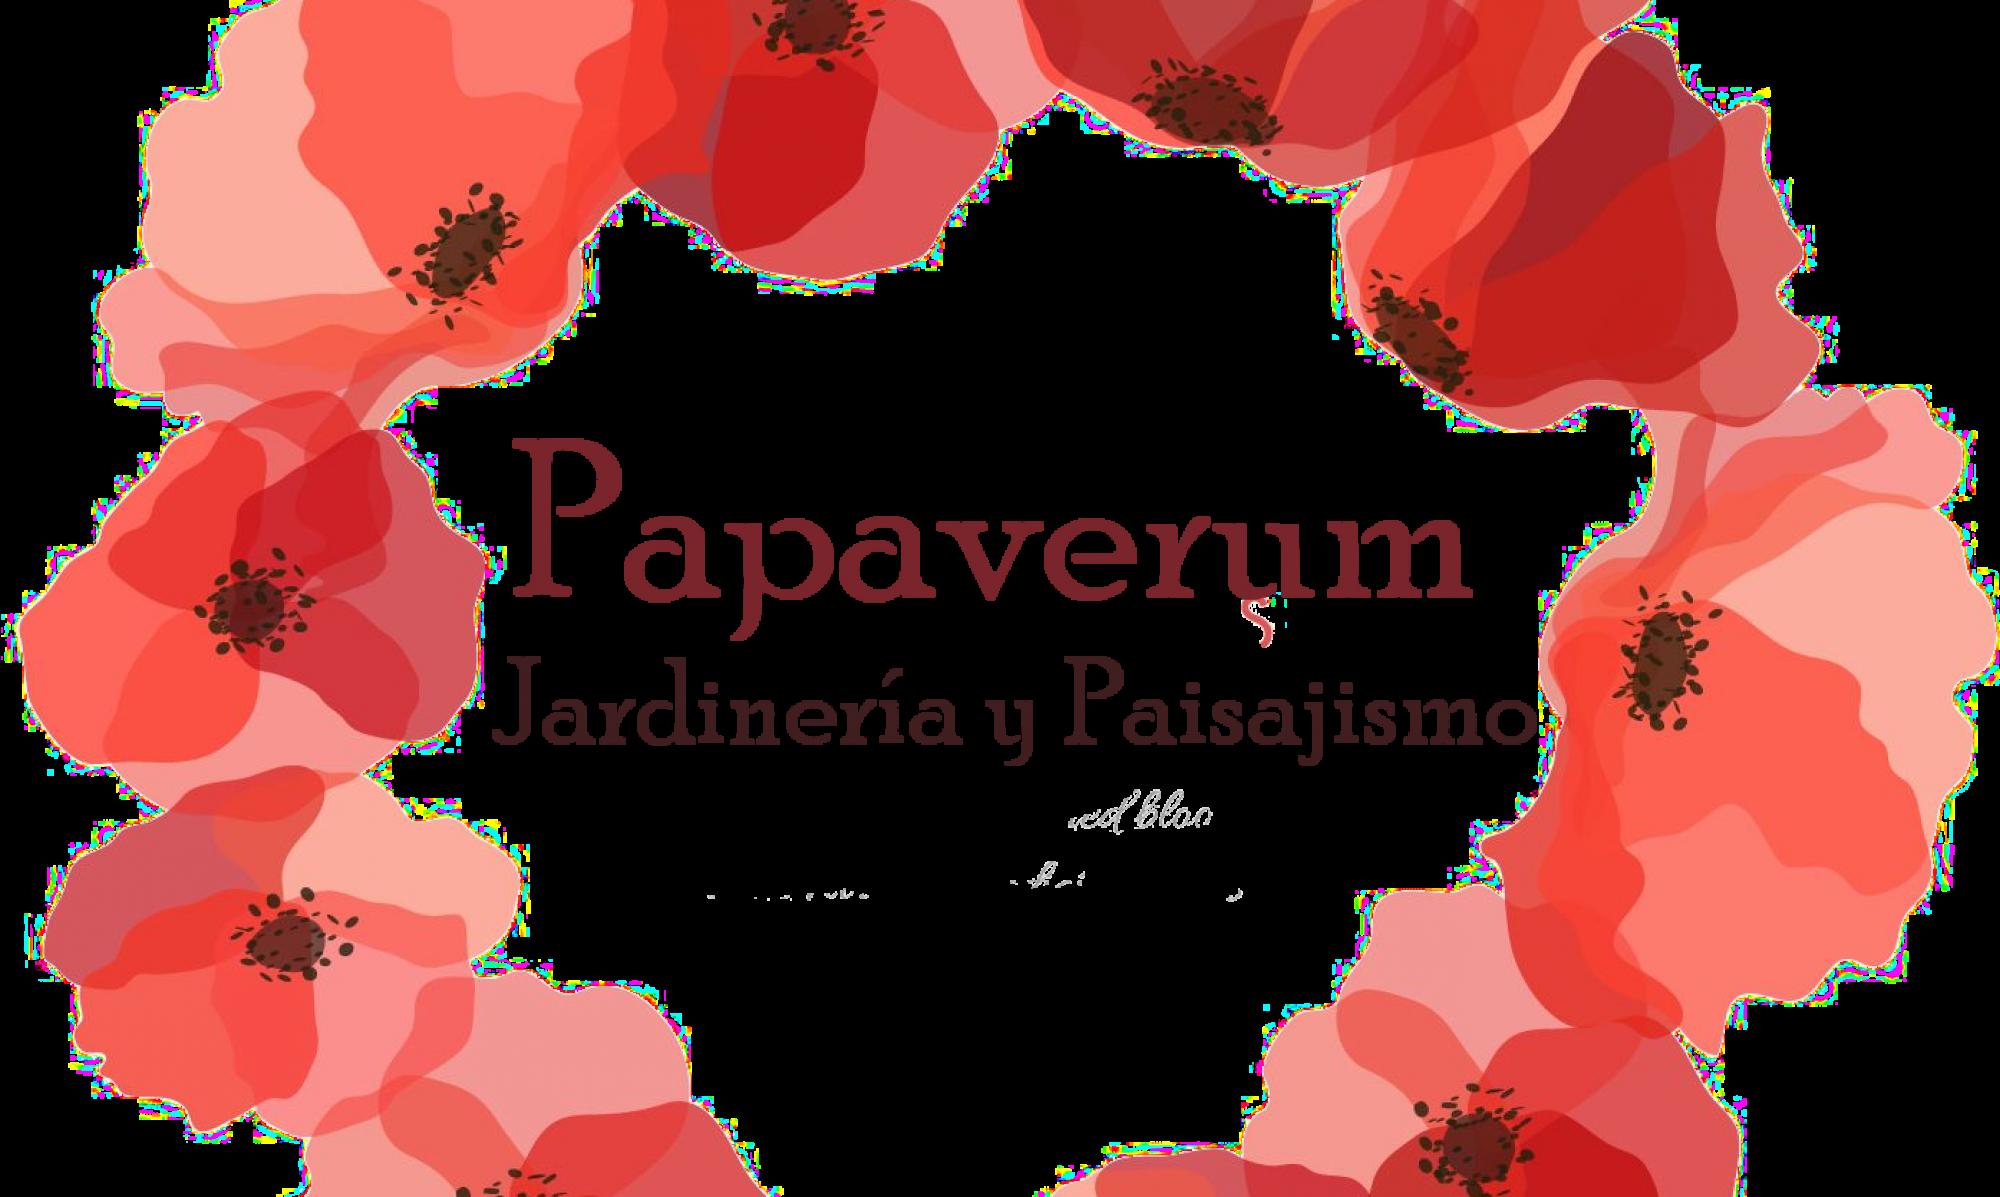 Papaverum